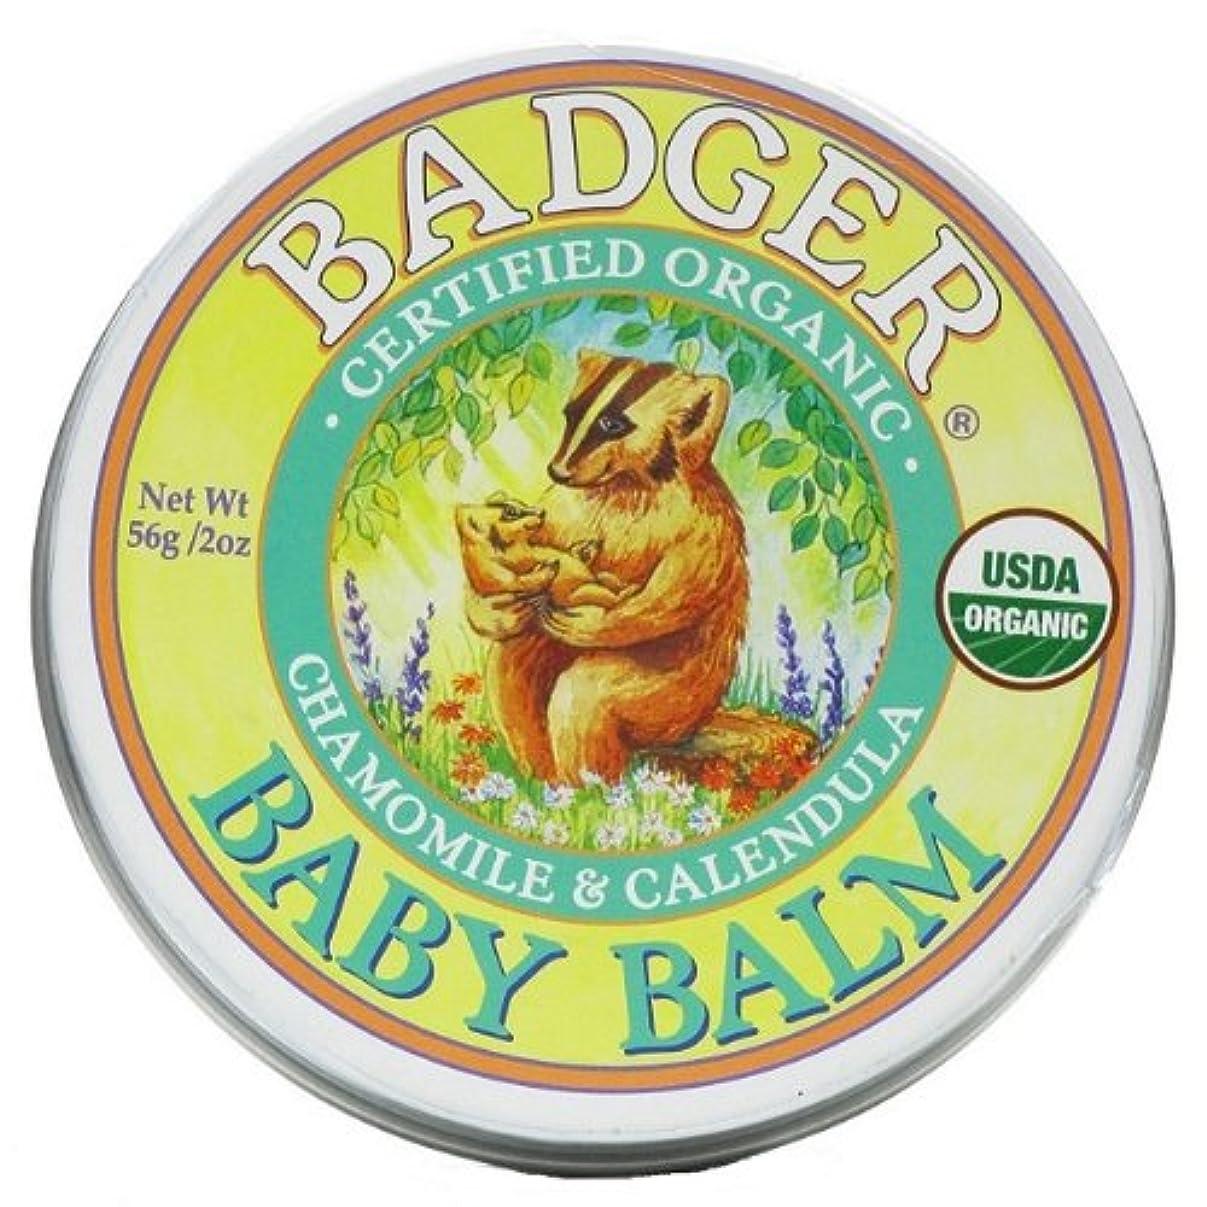 保証することになっている本土Badger バジャー オーガニックベビークリーム カモミール & カレンドラ【大サイズ】 56g【海外直送品】【並行輸入品】